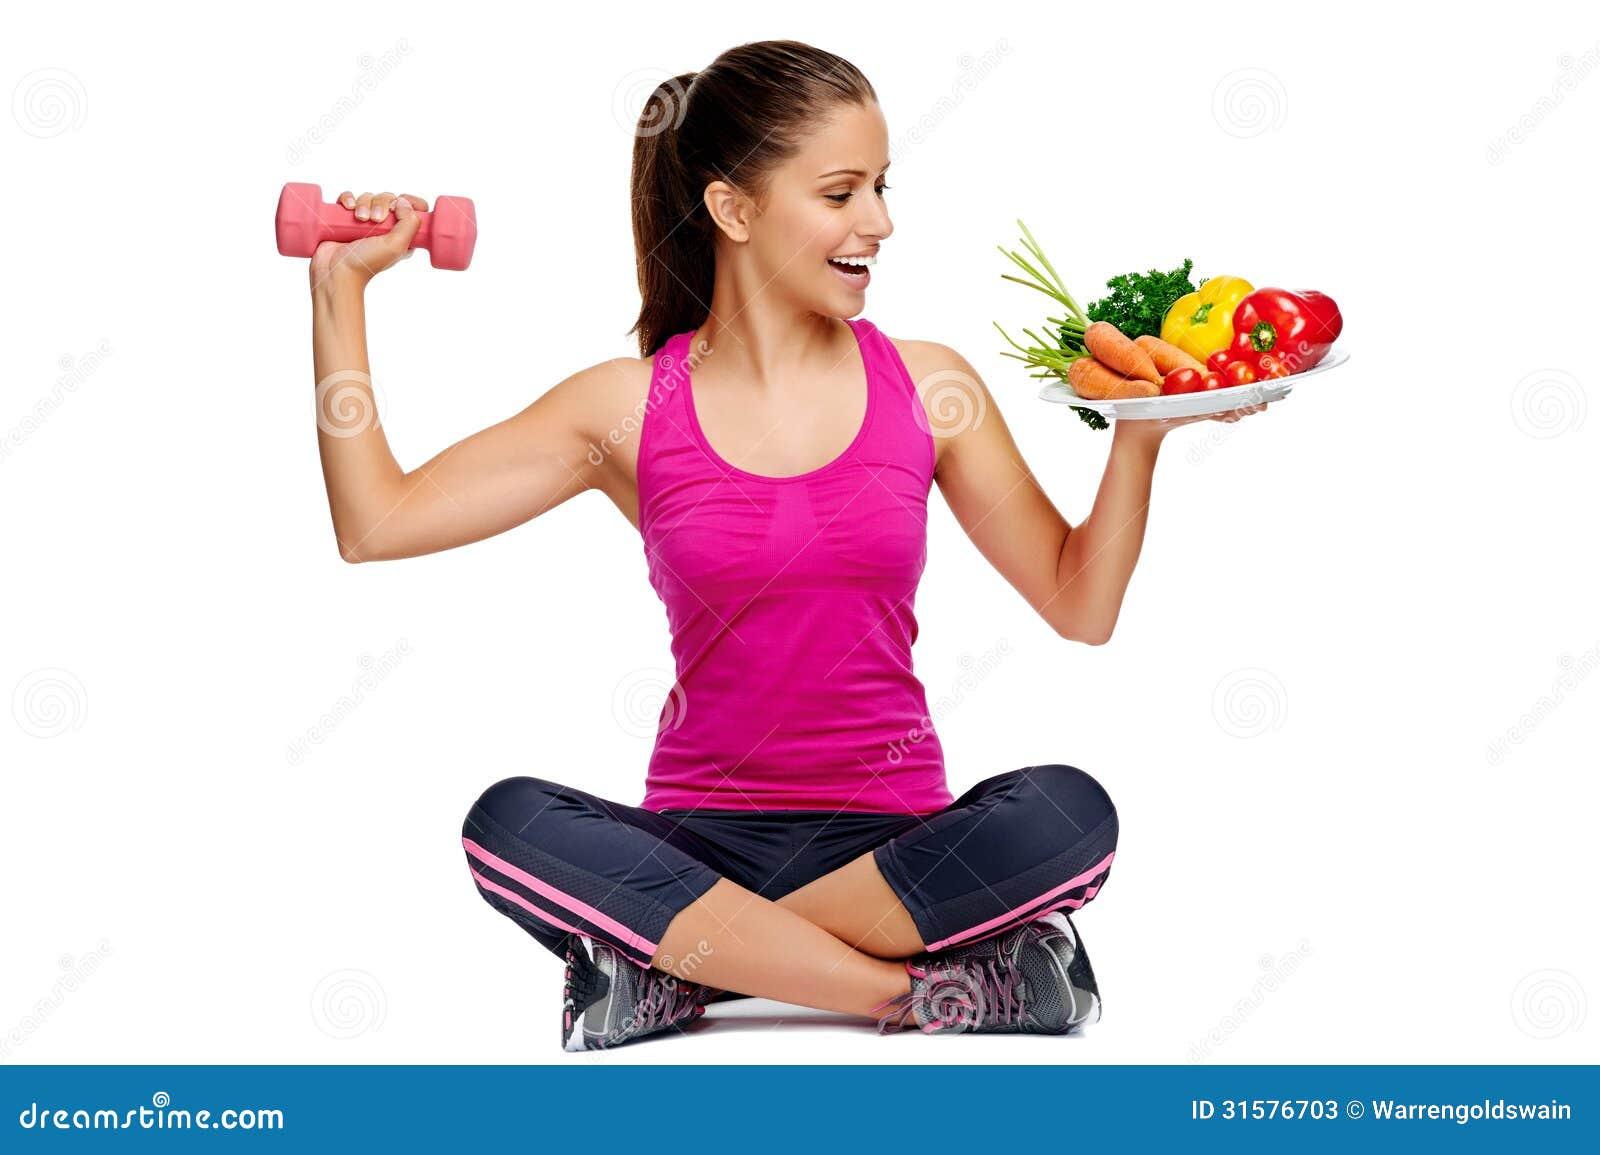 Zdrowy zrównoważony styl życia